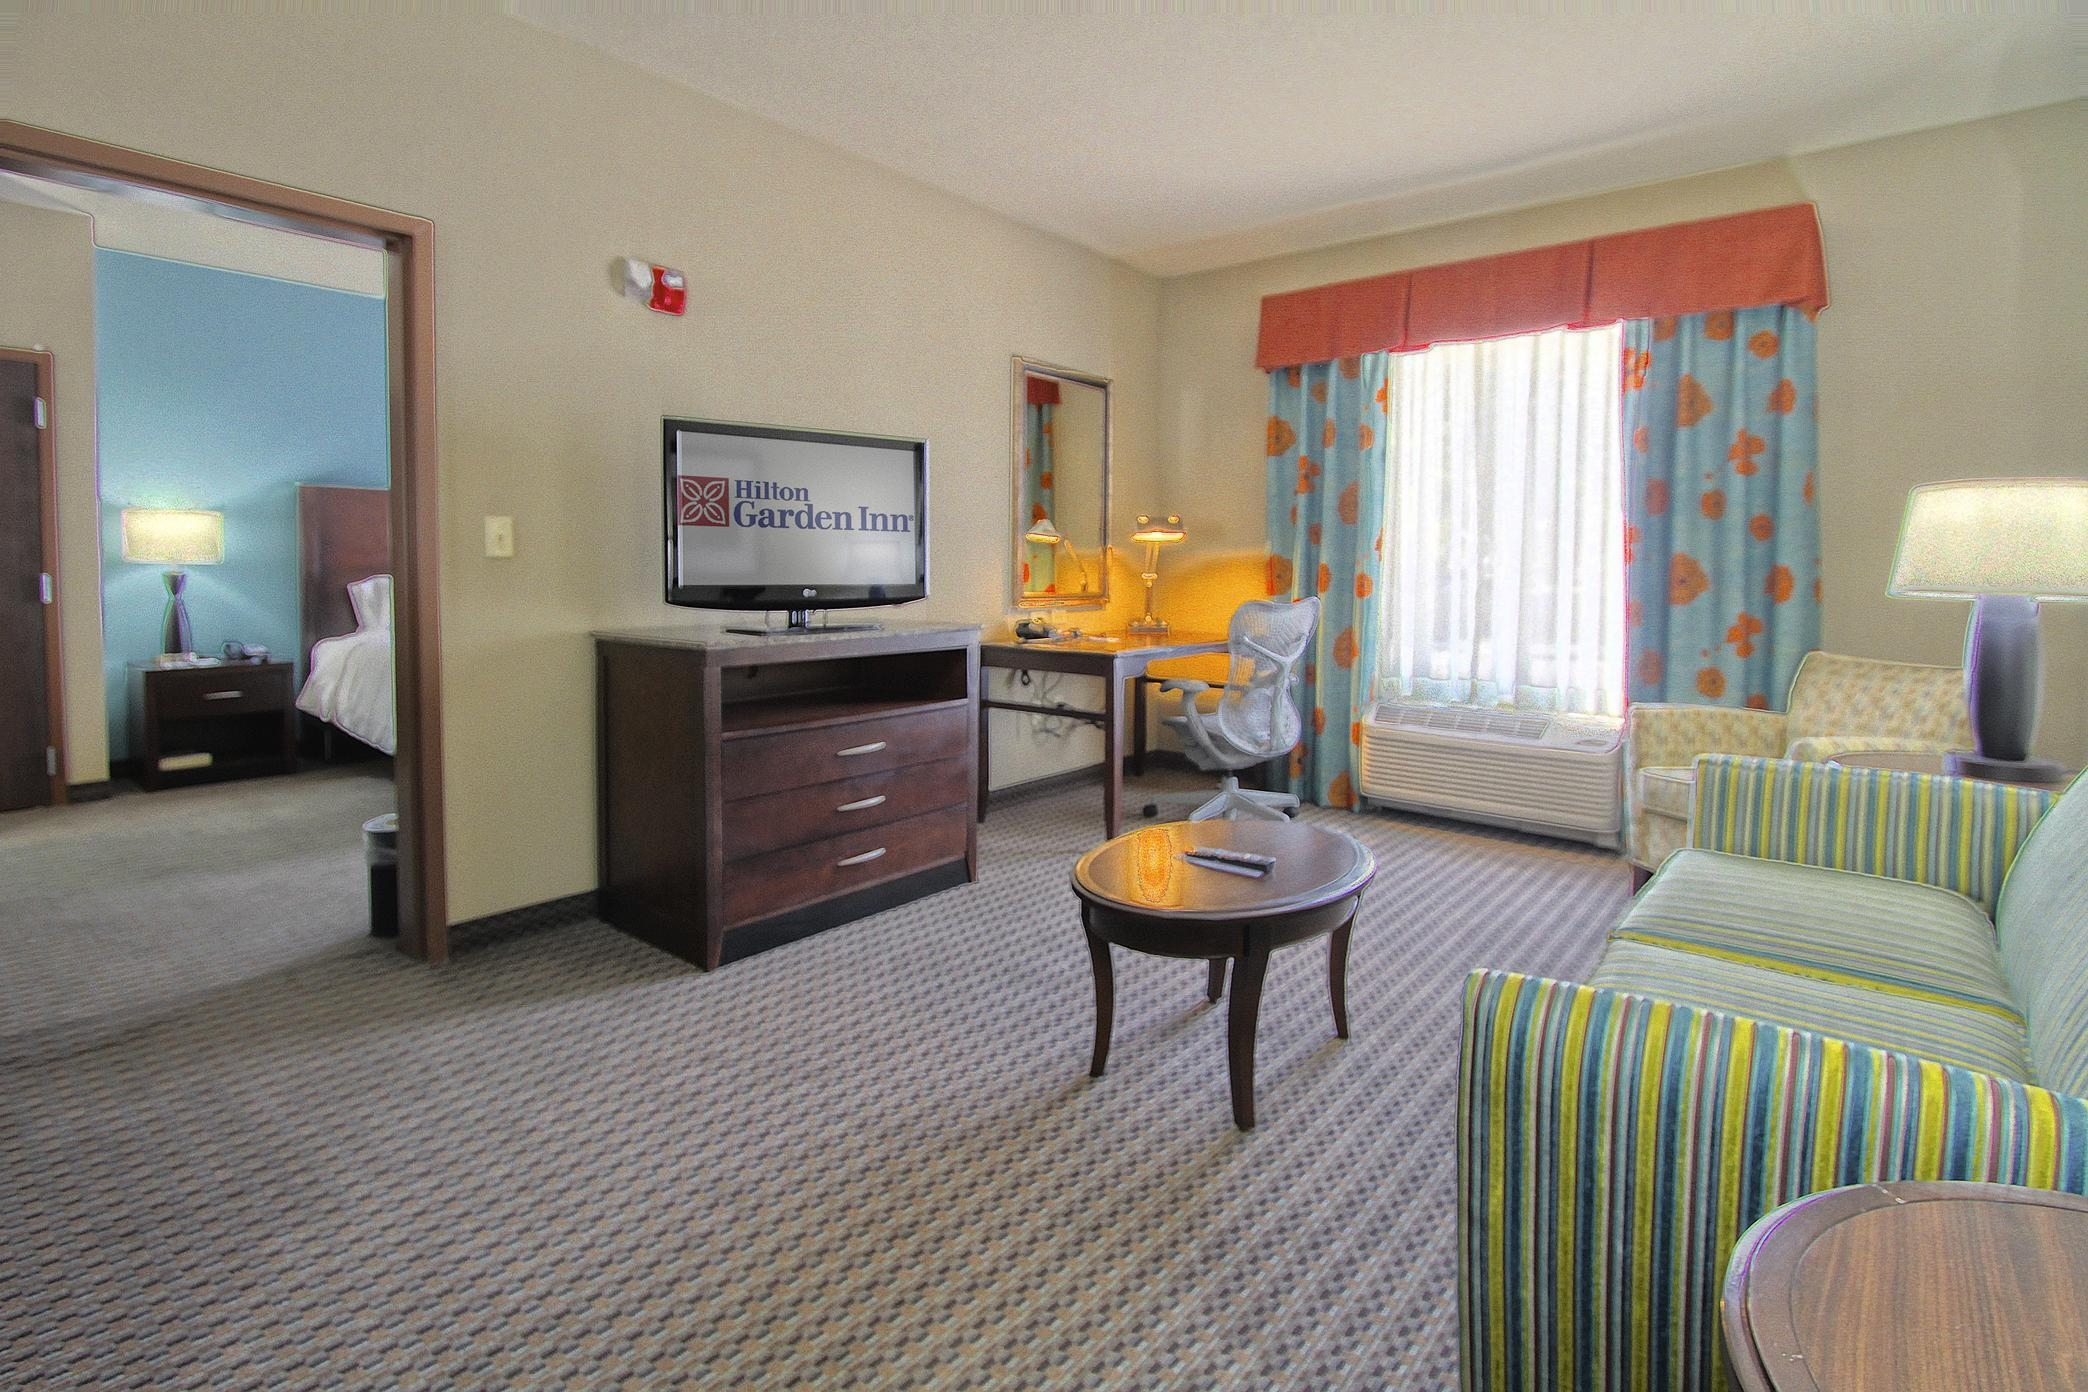 Hilton Garden Inn Tulsa Midtown image 9